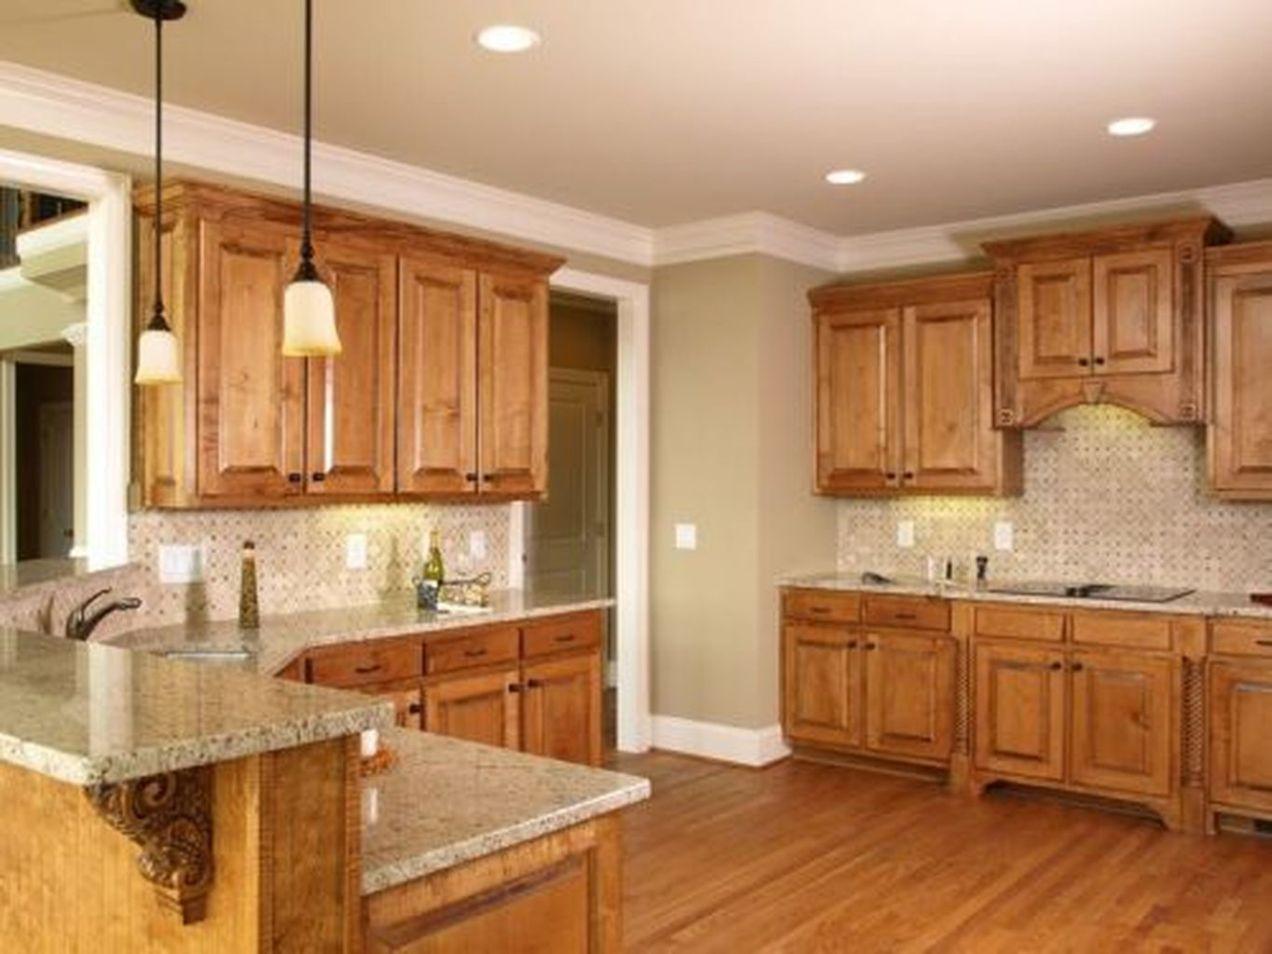 Inspiring Kitchen Paint Colors Ideas With Oak Cabinet 15 Tuscan Kitchen Design Tuscan Kitchen Top Kitchen Paint Colors